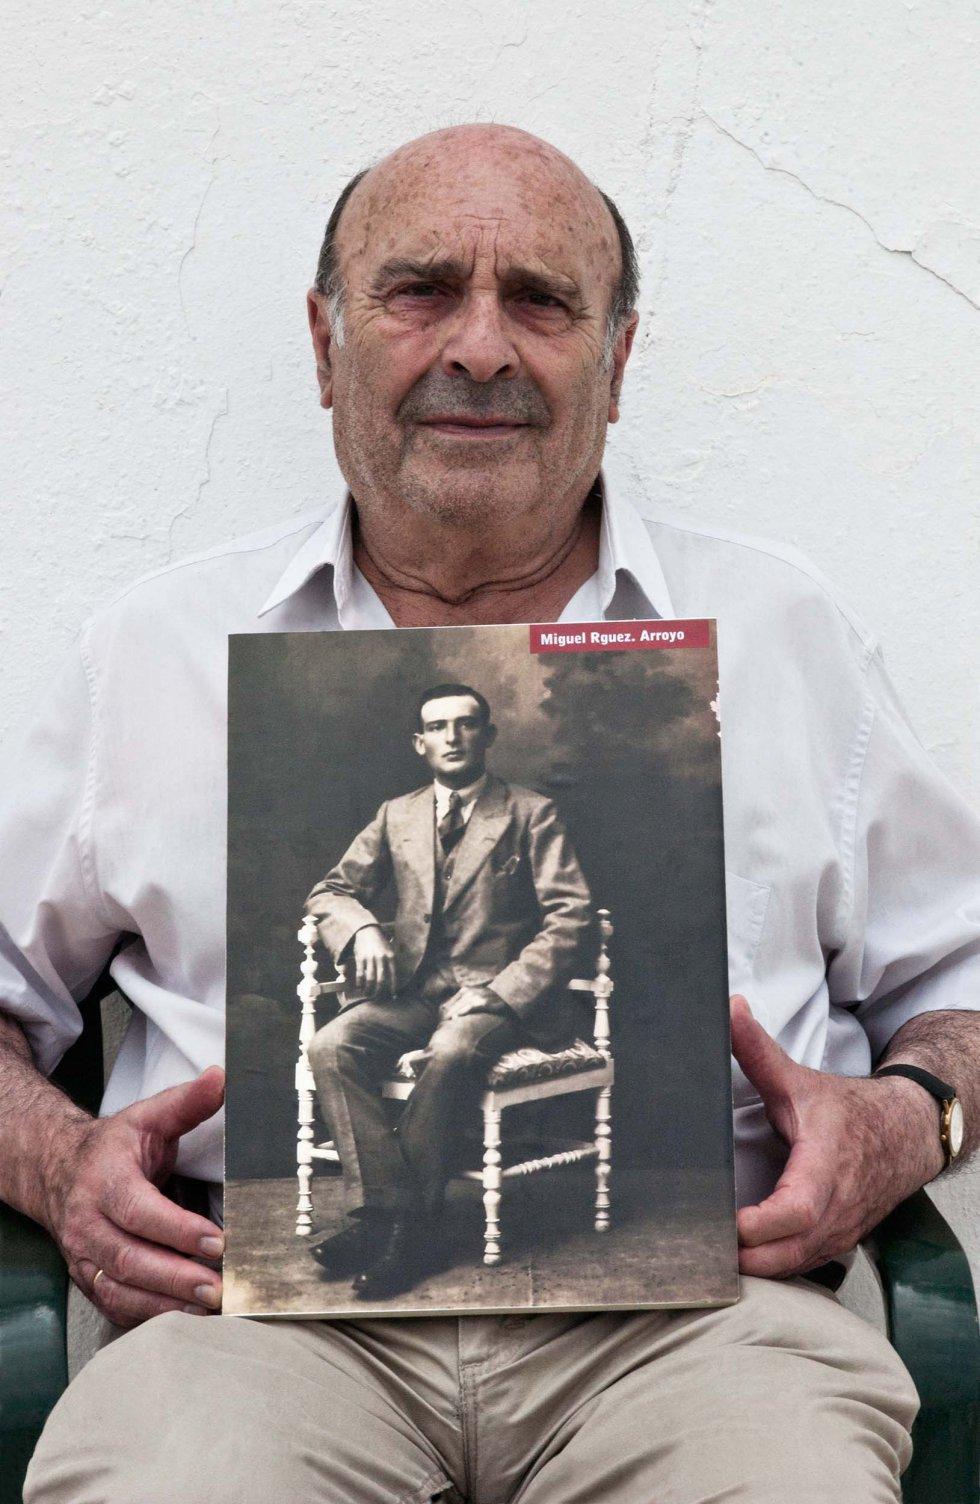 José Rodríguez Bellido, hijo de Miguel Rodríguez Arroyo, desaparecido el 16 de febrero de 1937 en Marchena (Sevilla).